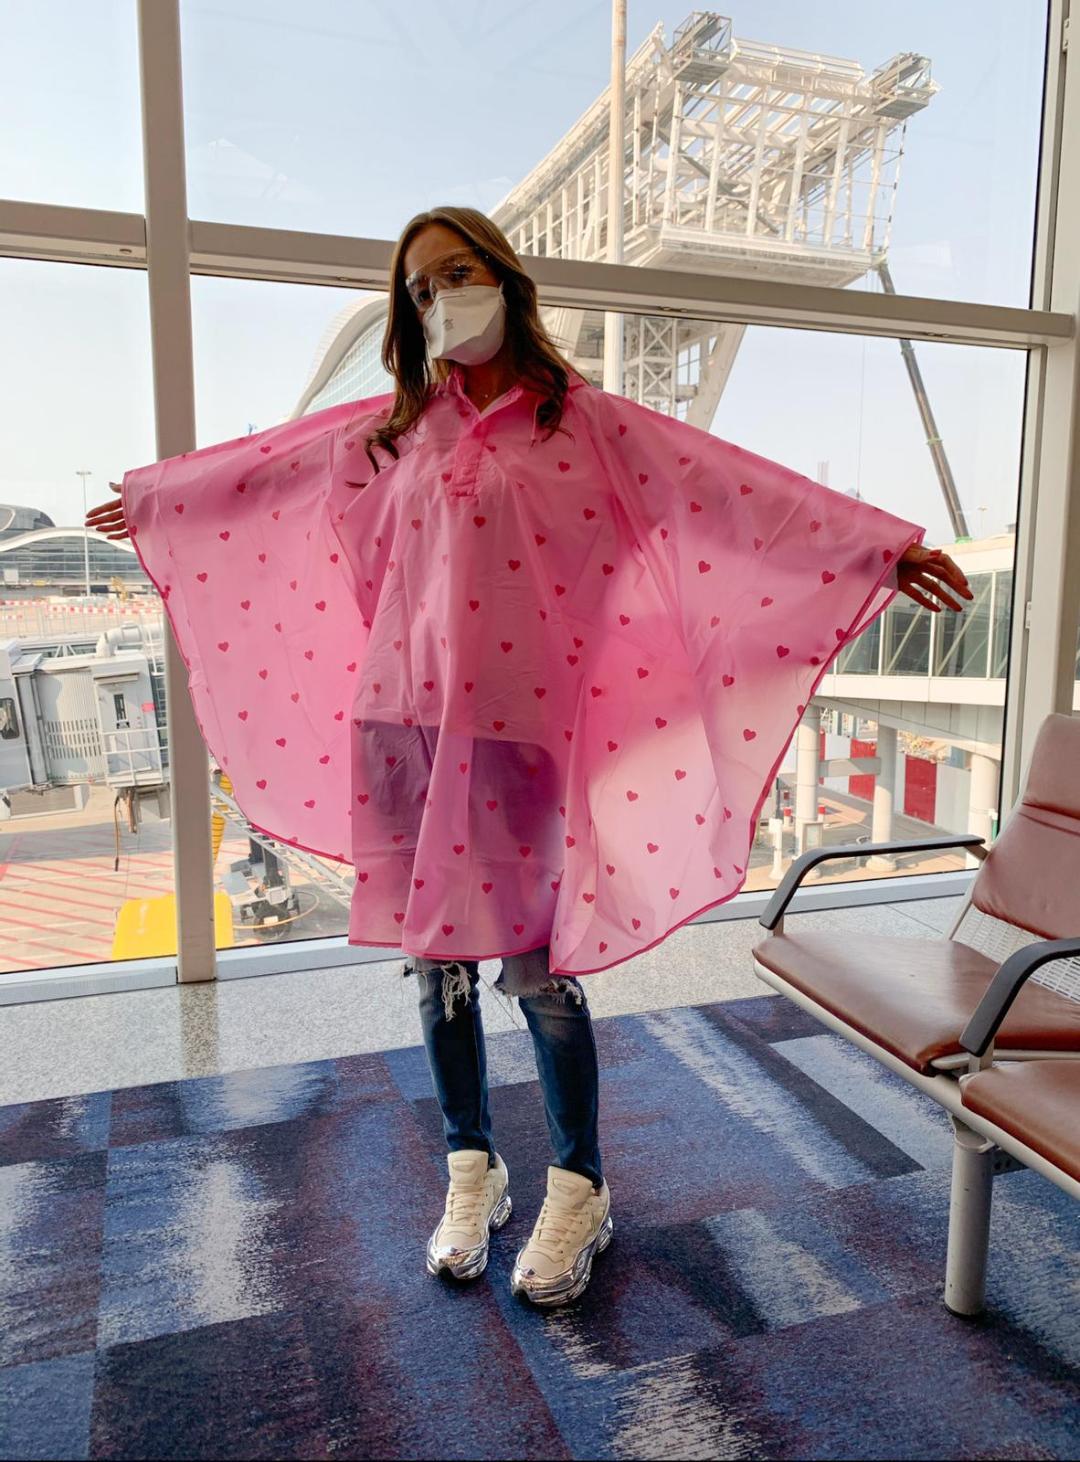 雨衣防疫 Kelly着埋fans送嘅粉紅色雨衣上機防護。